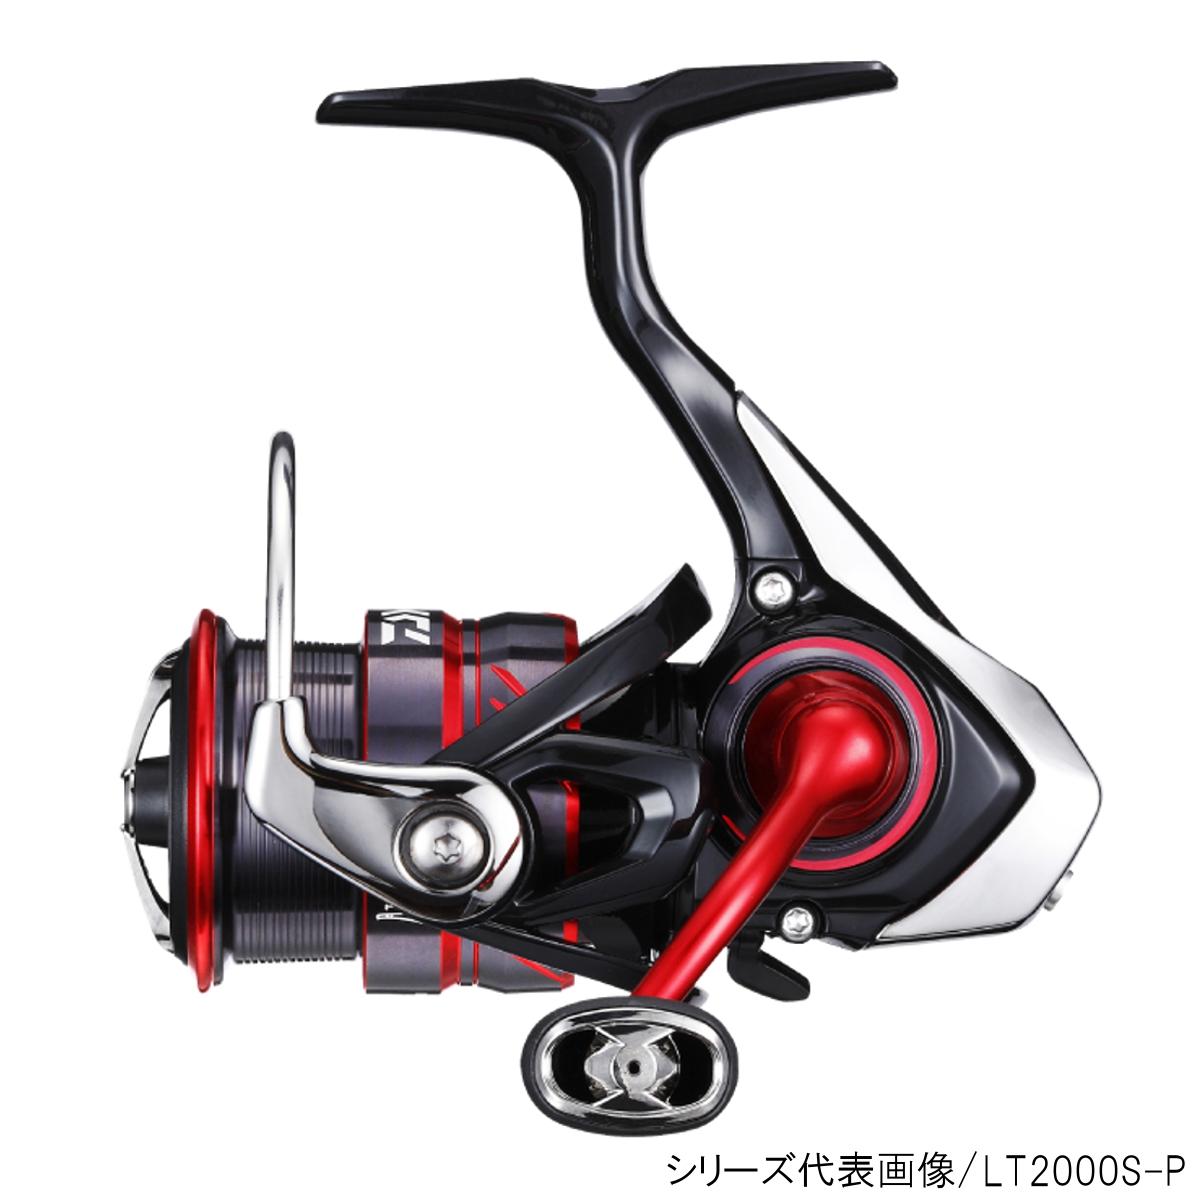 ダイワ 月下美人 MX LT1000S-P